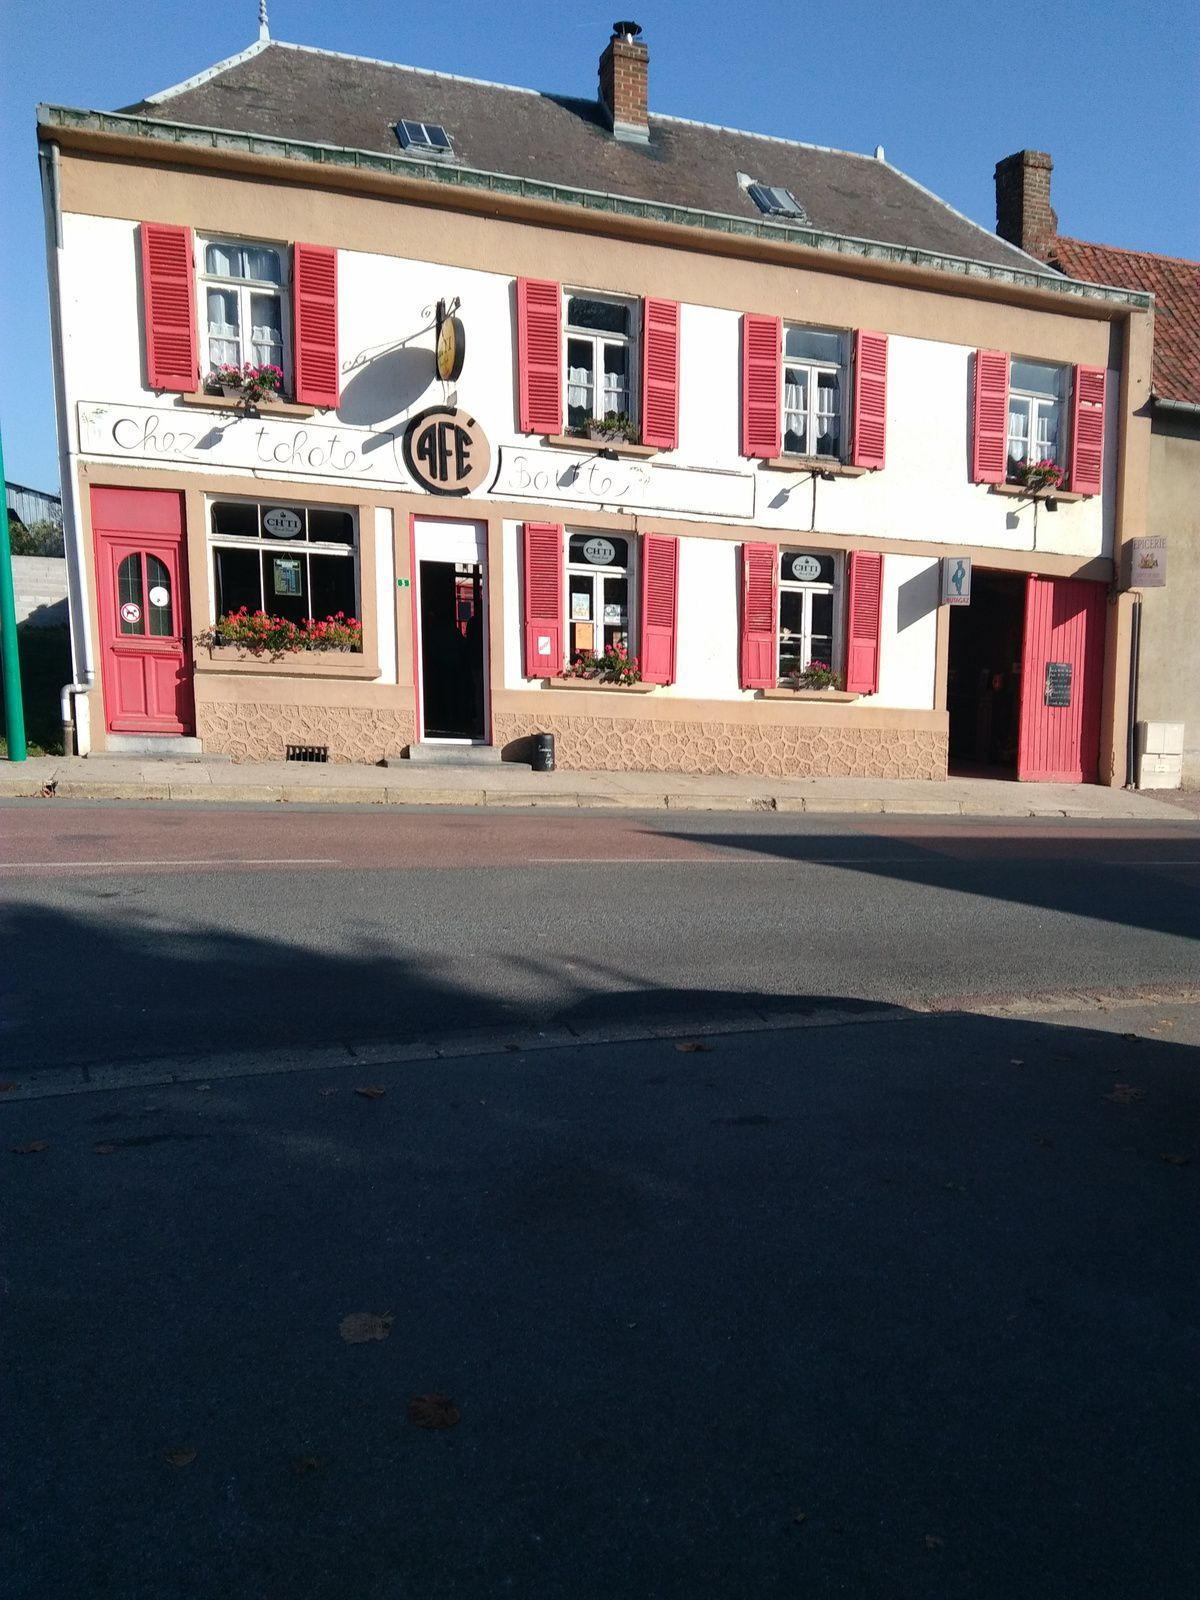 """photo 7 - REVELLES - café """"chez tchote boitte"""""""